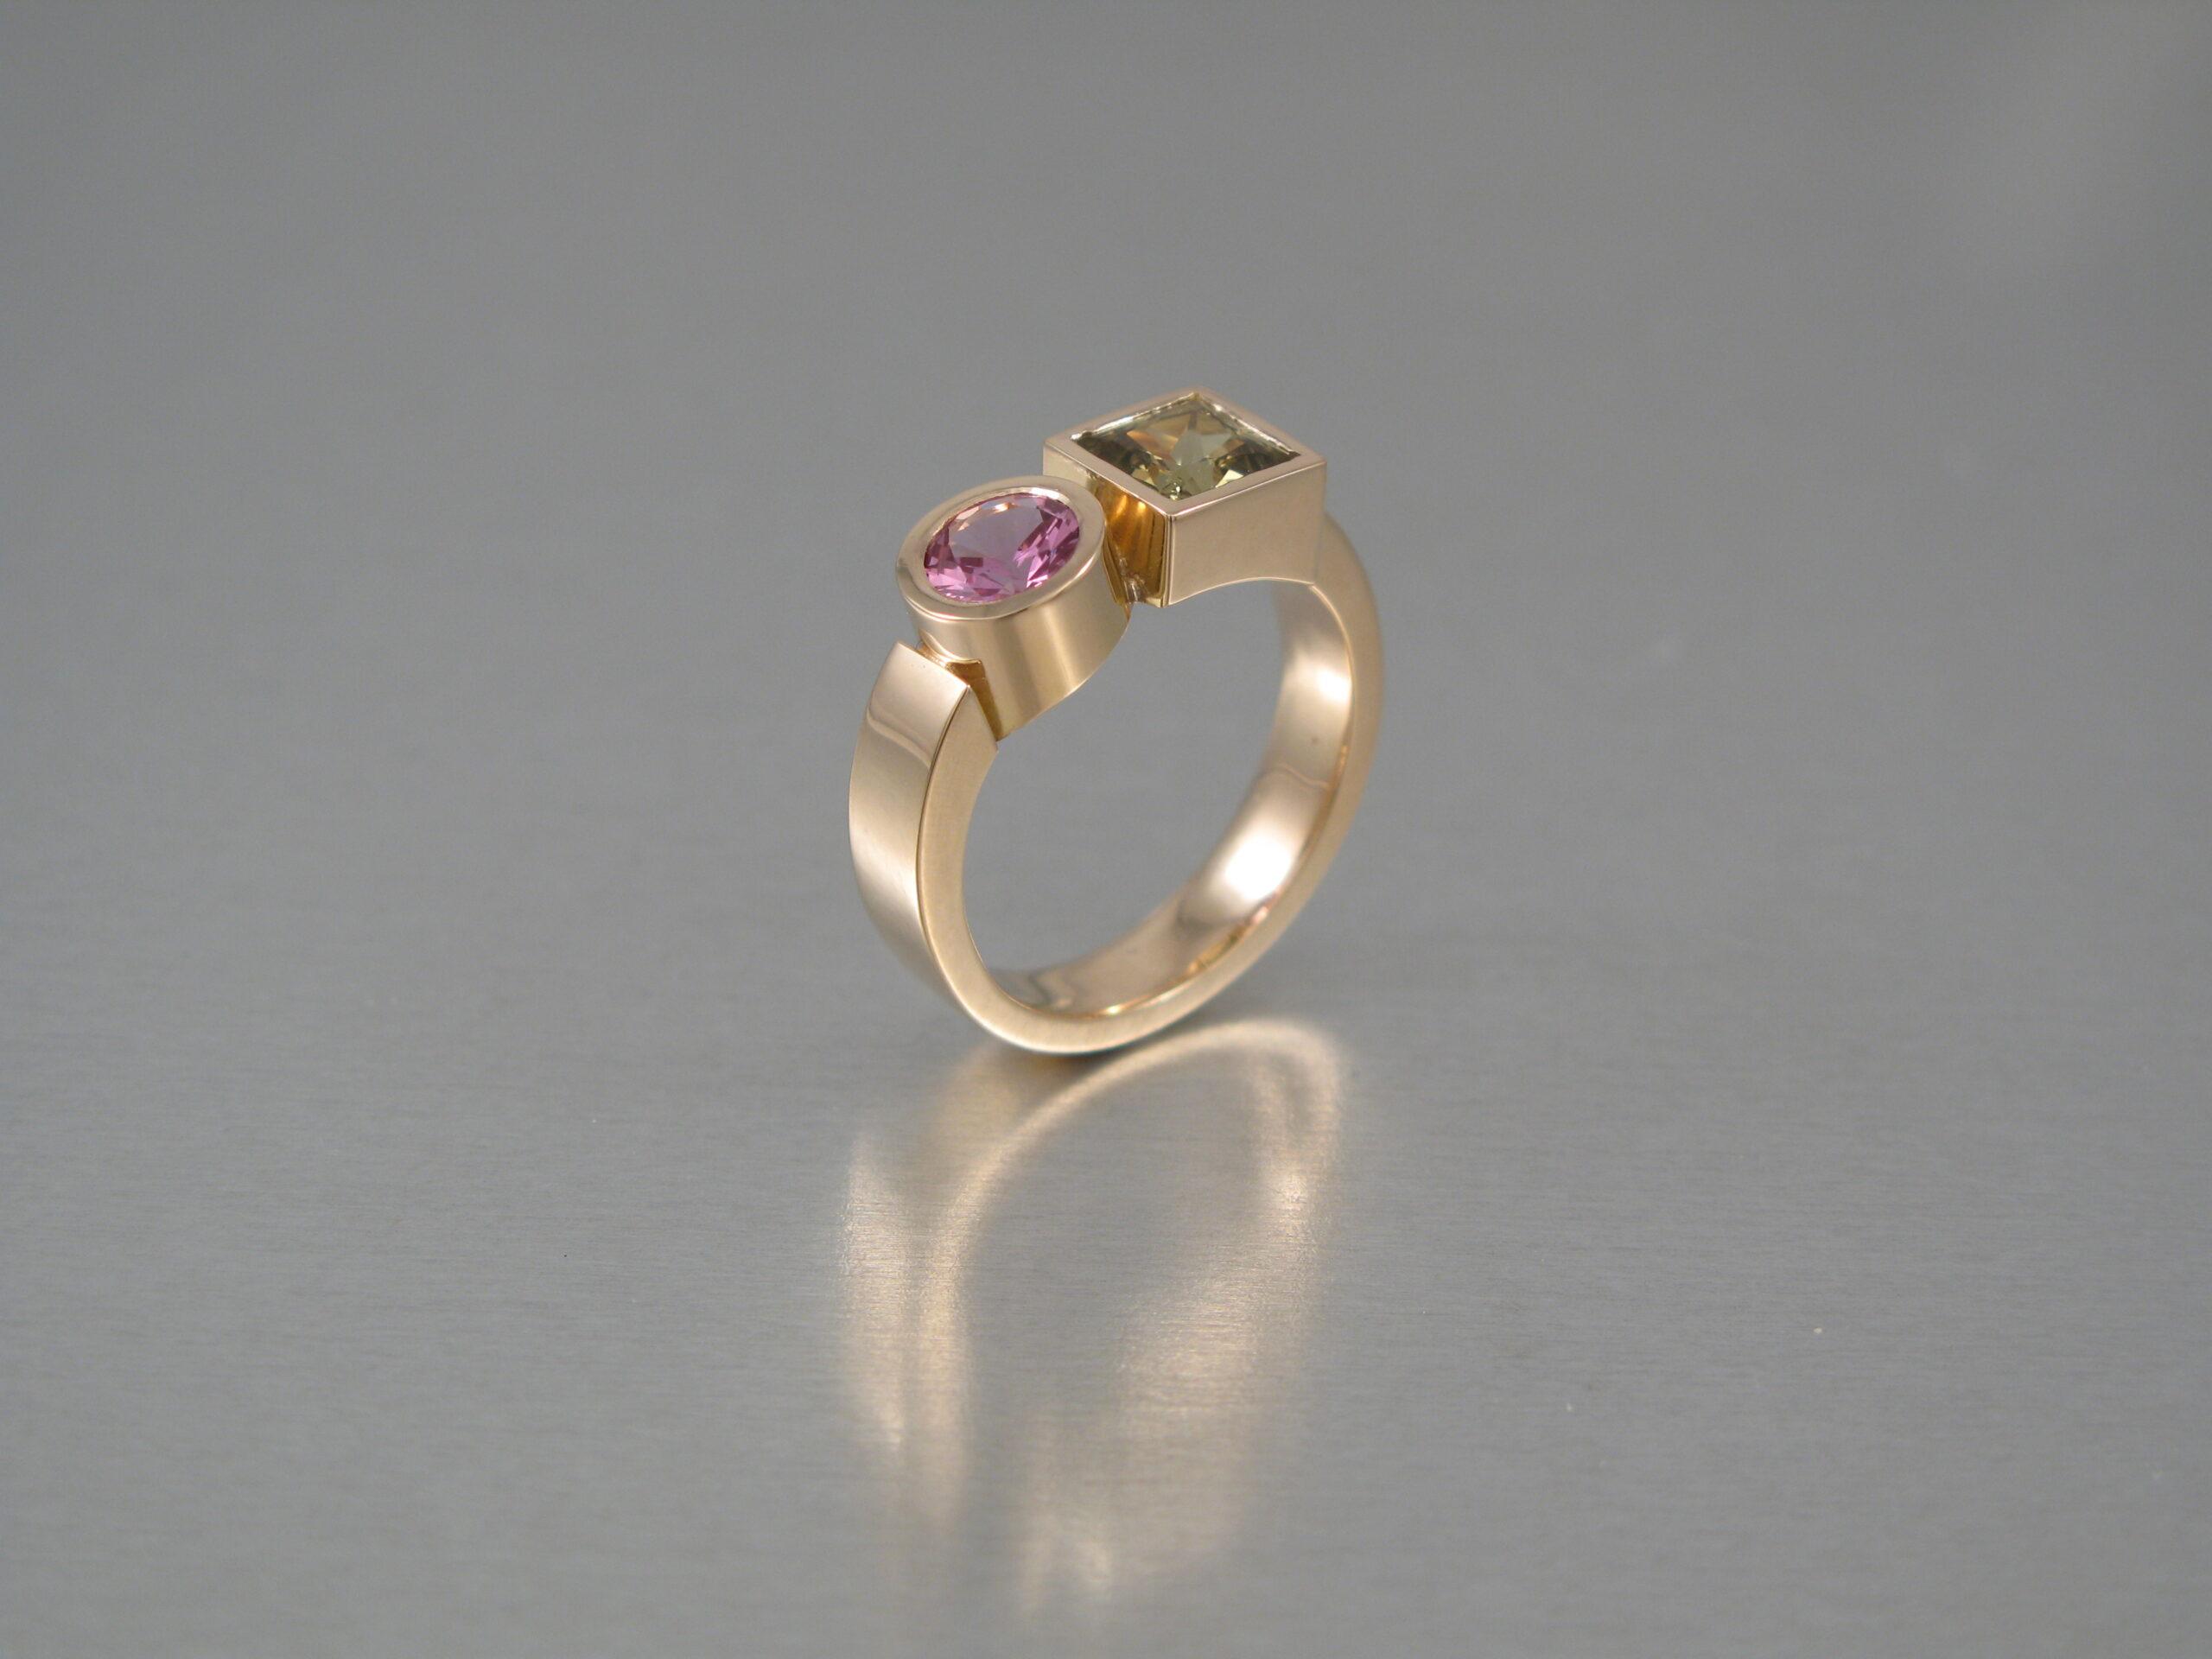 """Ring, """"Lådring"""", guld och safirer."""